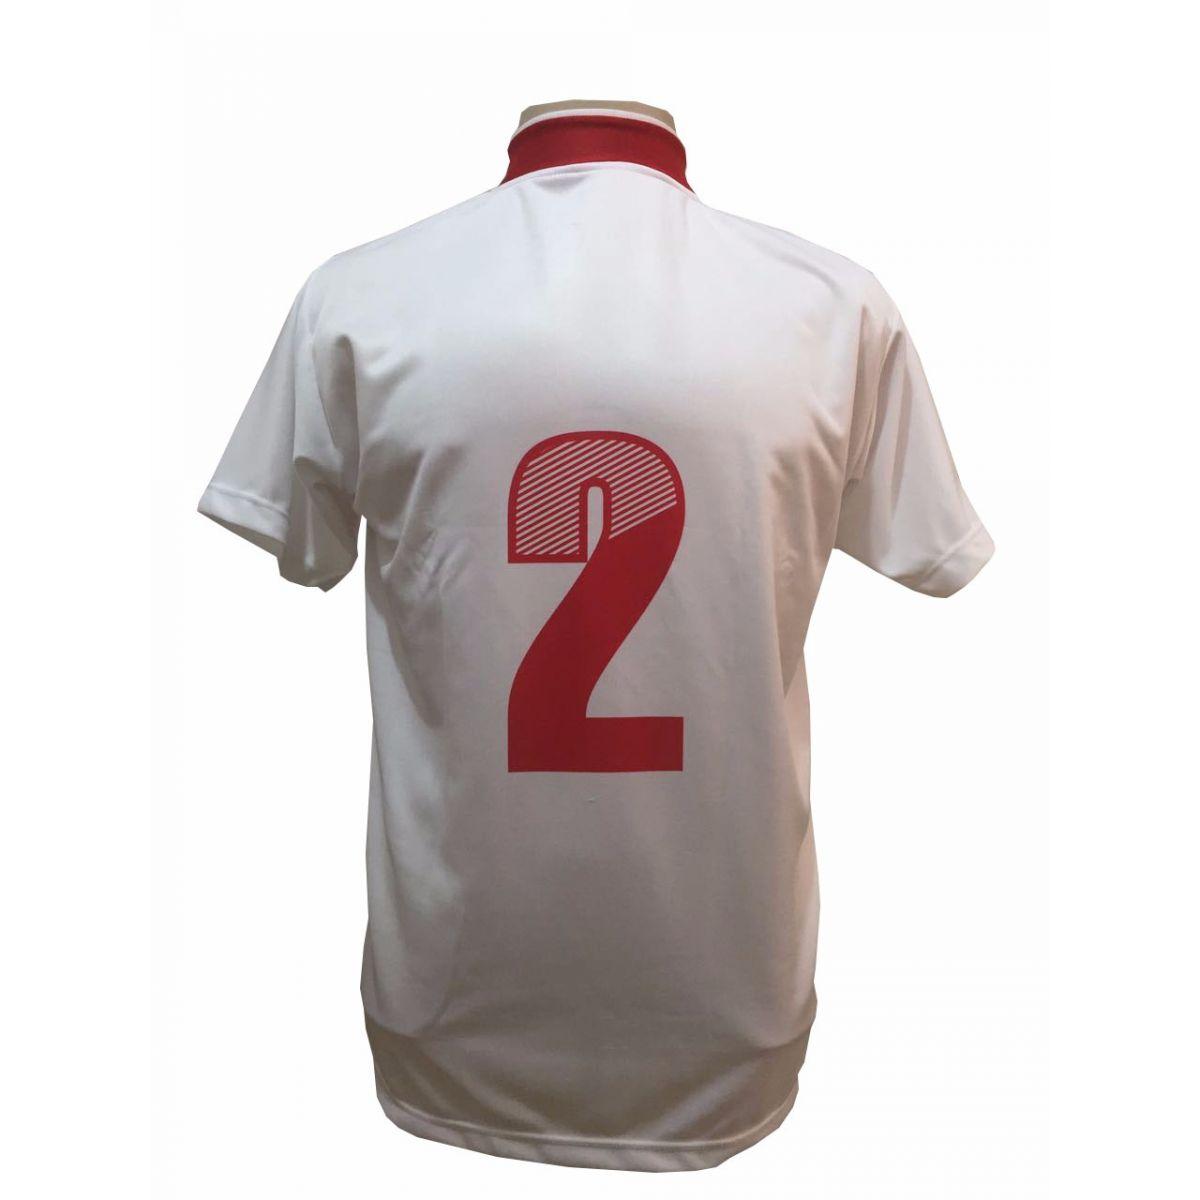 Uniforme Esportivo com 14 Camisas modelo Palermo Branco/Vermelho + 14 Calções de Madri Branco